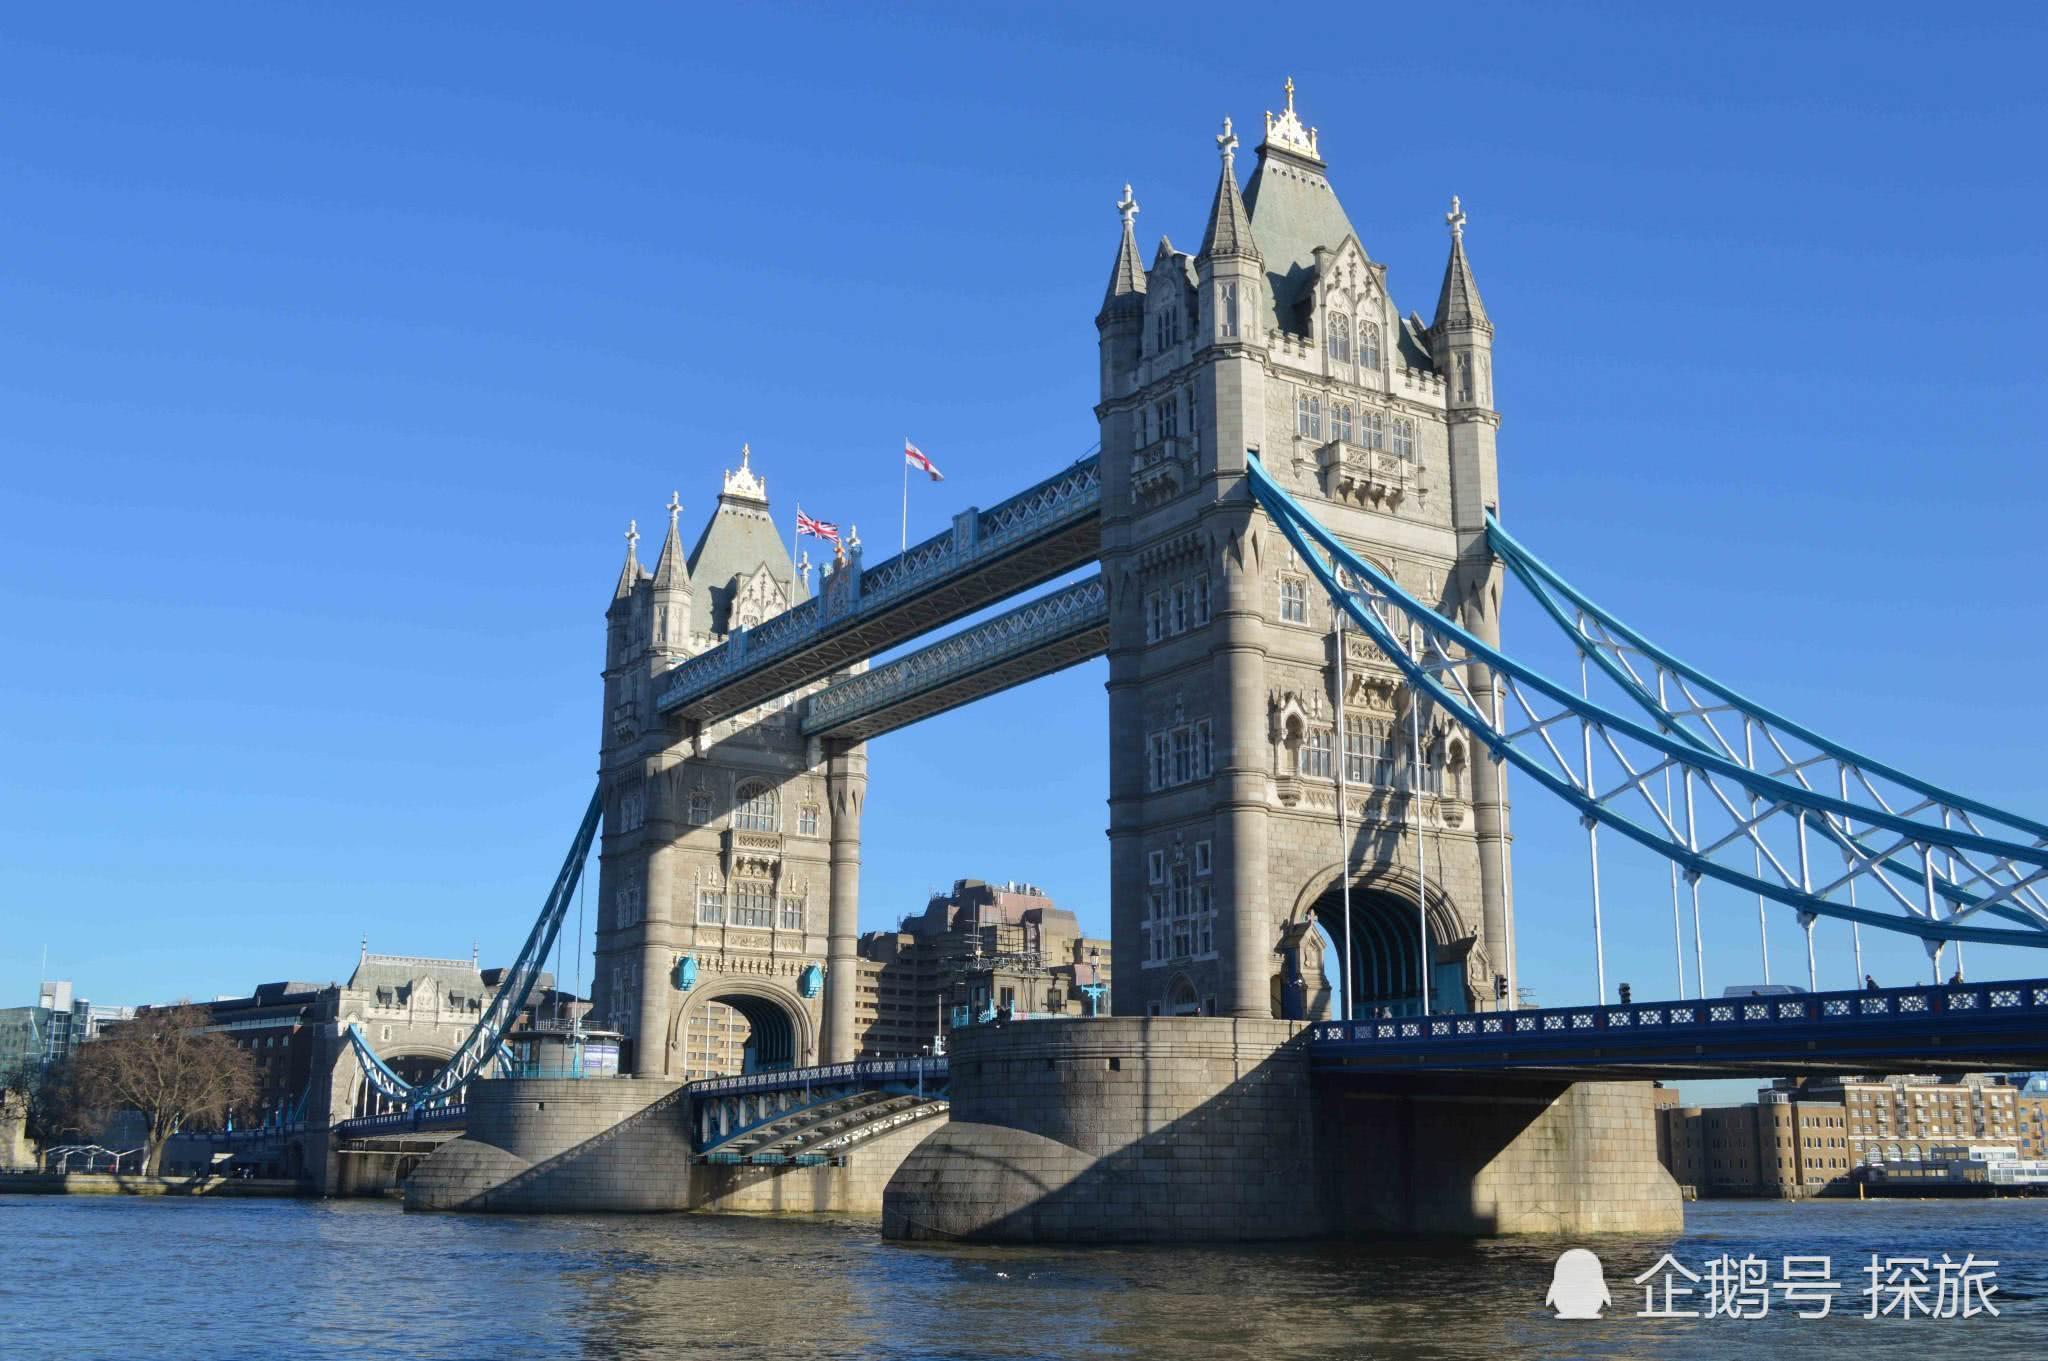 英国伦敦和中国上海,哪个城市更发达?